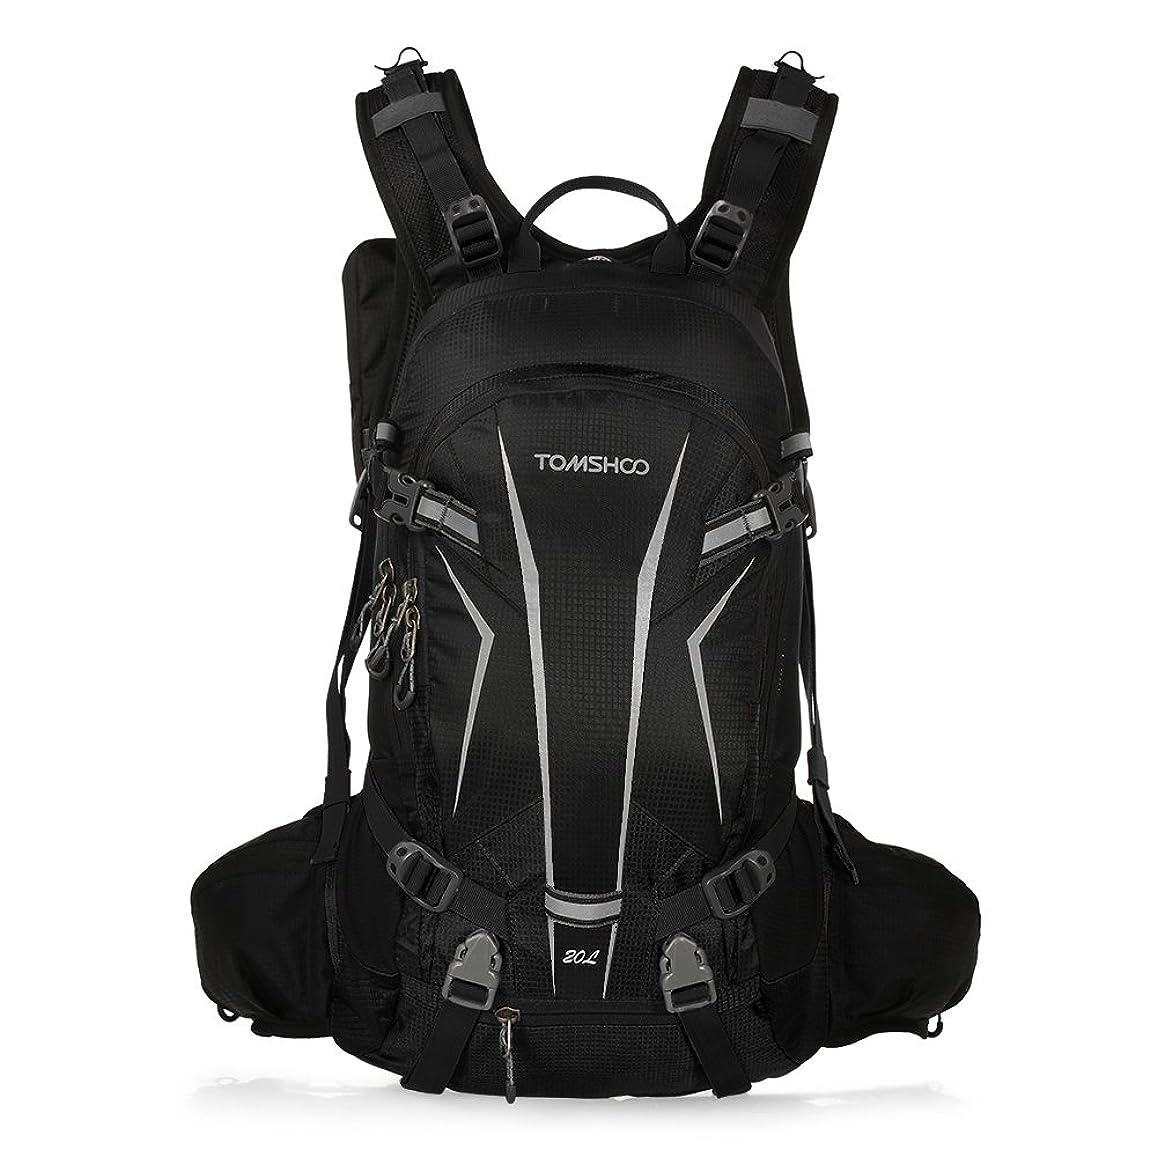 体細胞追加司教TOMSHOO バックパック 登山 サイクリングバッグ アウトドアバッグ自転車 20L 大容量 超軽量 防災 光反射 防水 通気 旅行 ウォーキングバッグ リュックサック レインカバー付き